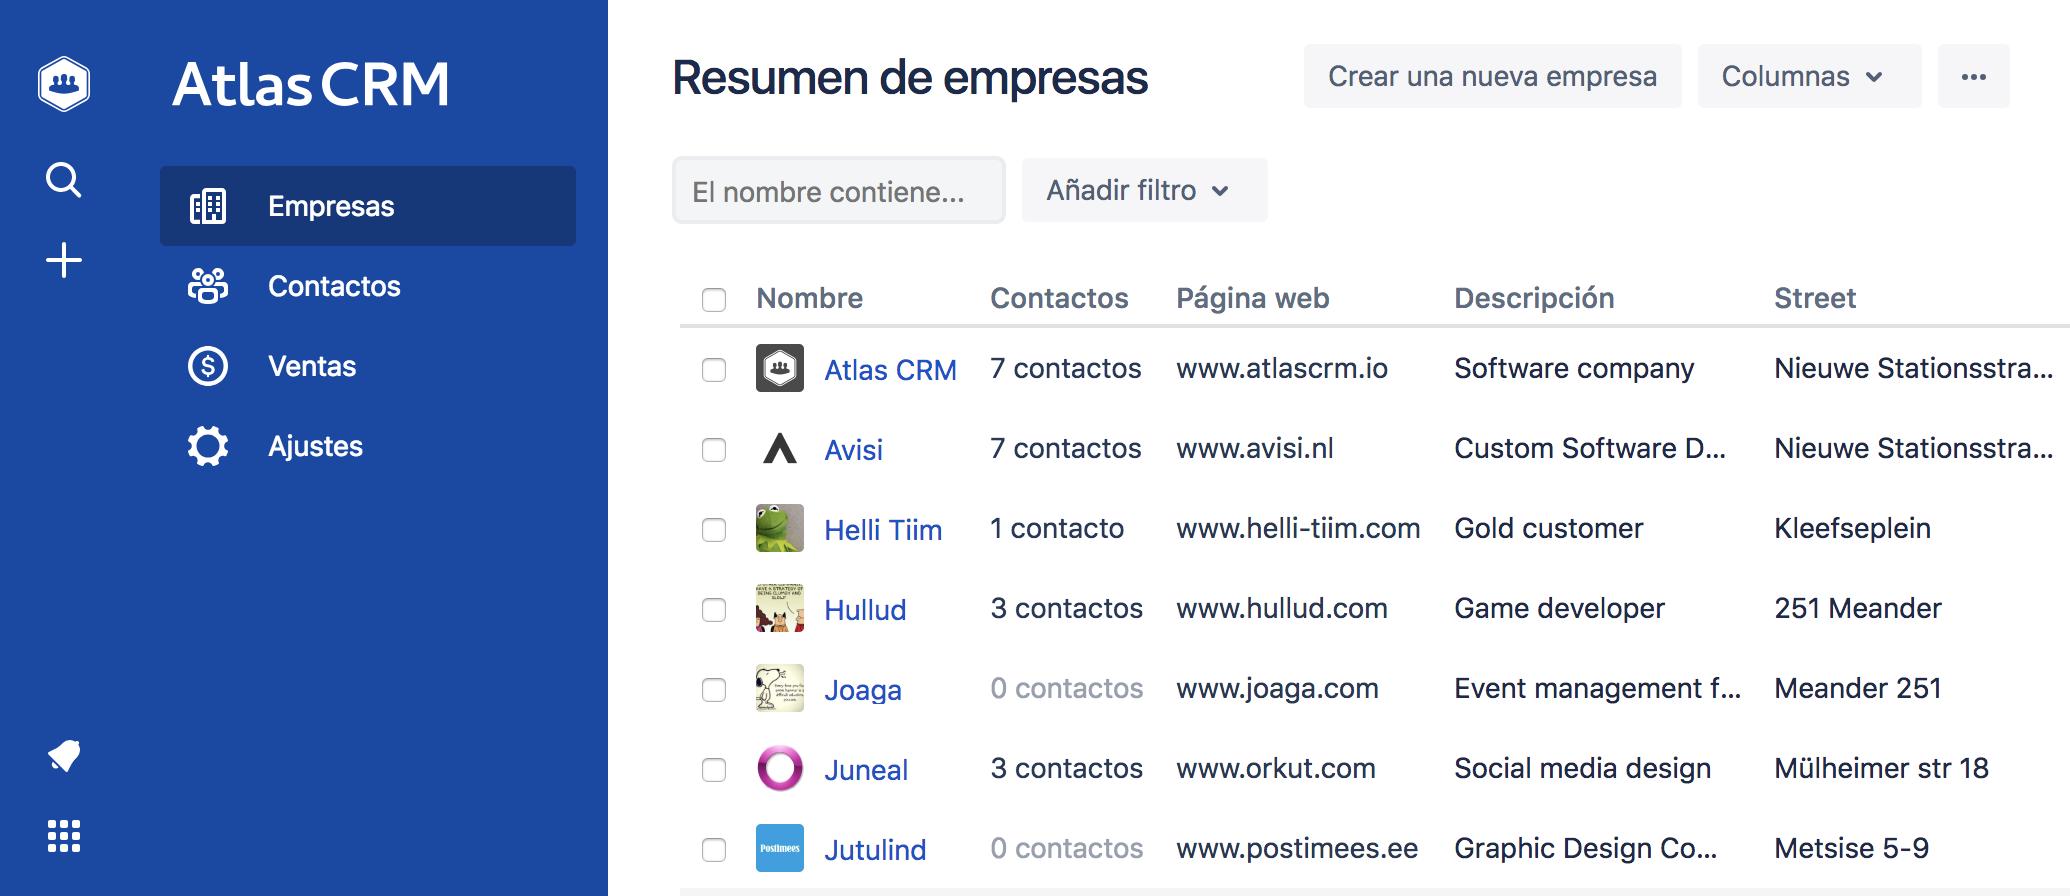 Atlas CRM in Spanish